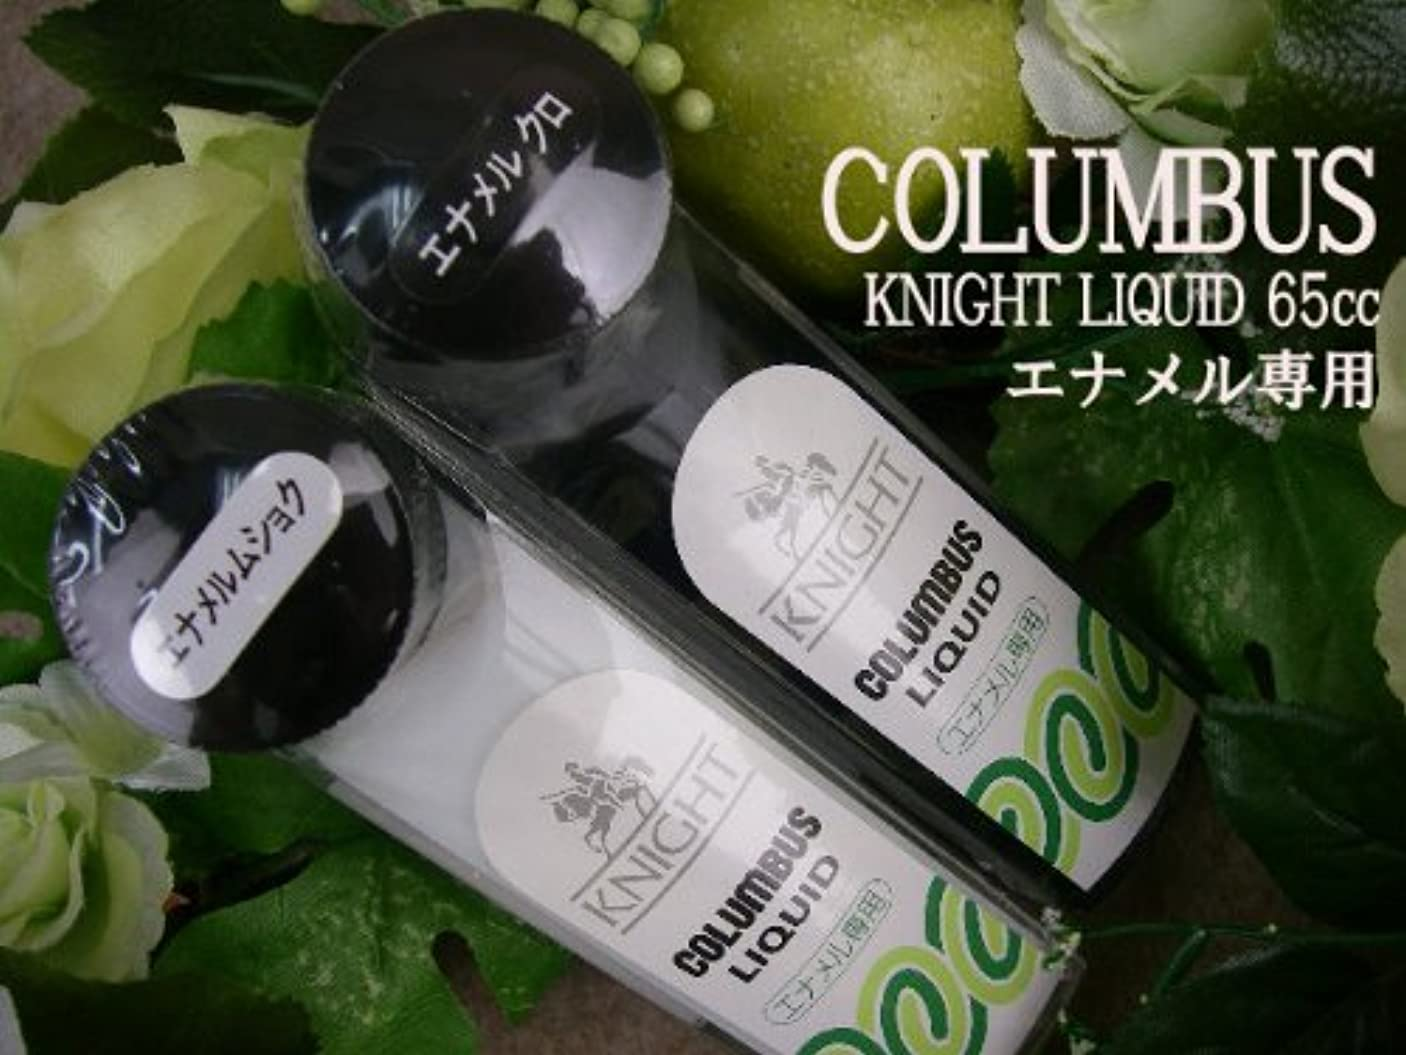 韓国語好意徹底的に[コロンブス] KNIGHT LIQUID 65cc エナメル専用 ナイト リキッド シューケアクリーム